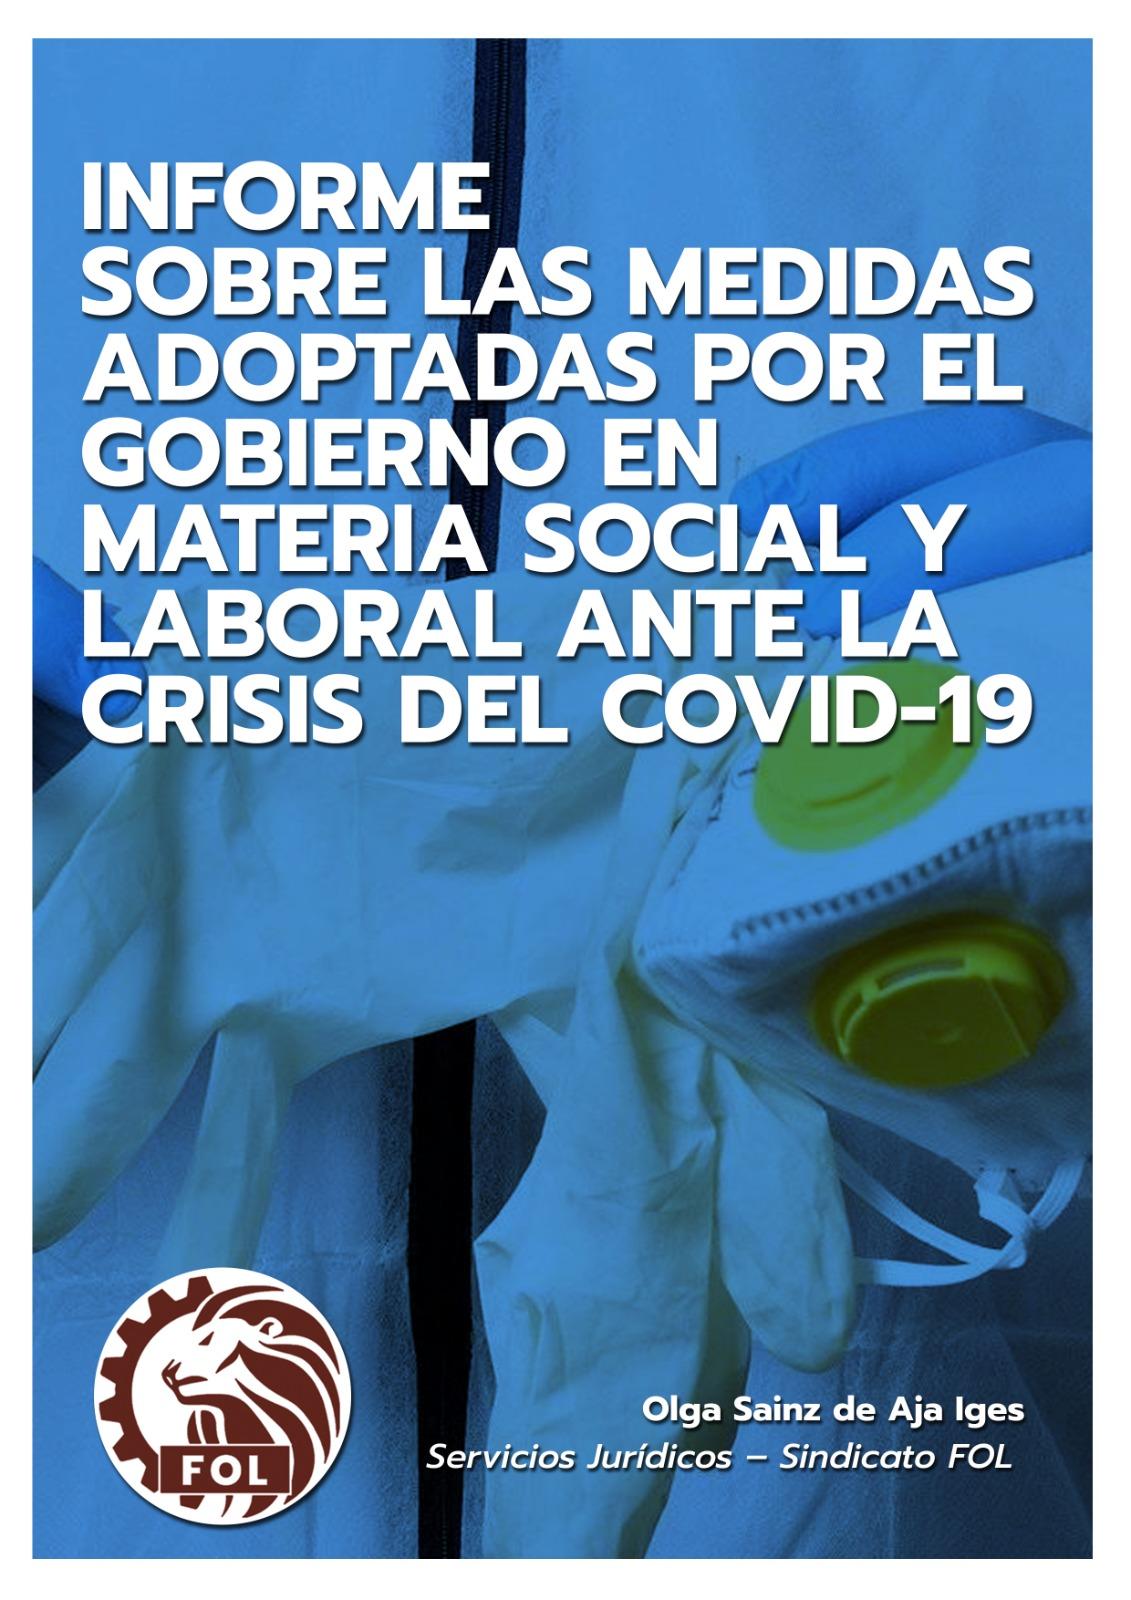 Informe Sobre Las Medidas Adoptadas Por El Gobierno Sobre Materia Social Y Laboral Ante La Crisis Del Covid-19